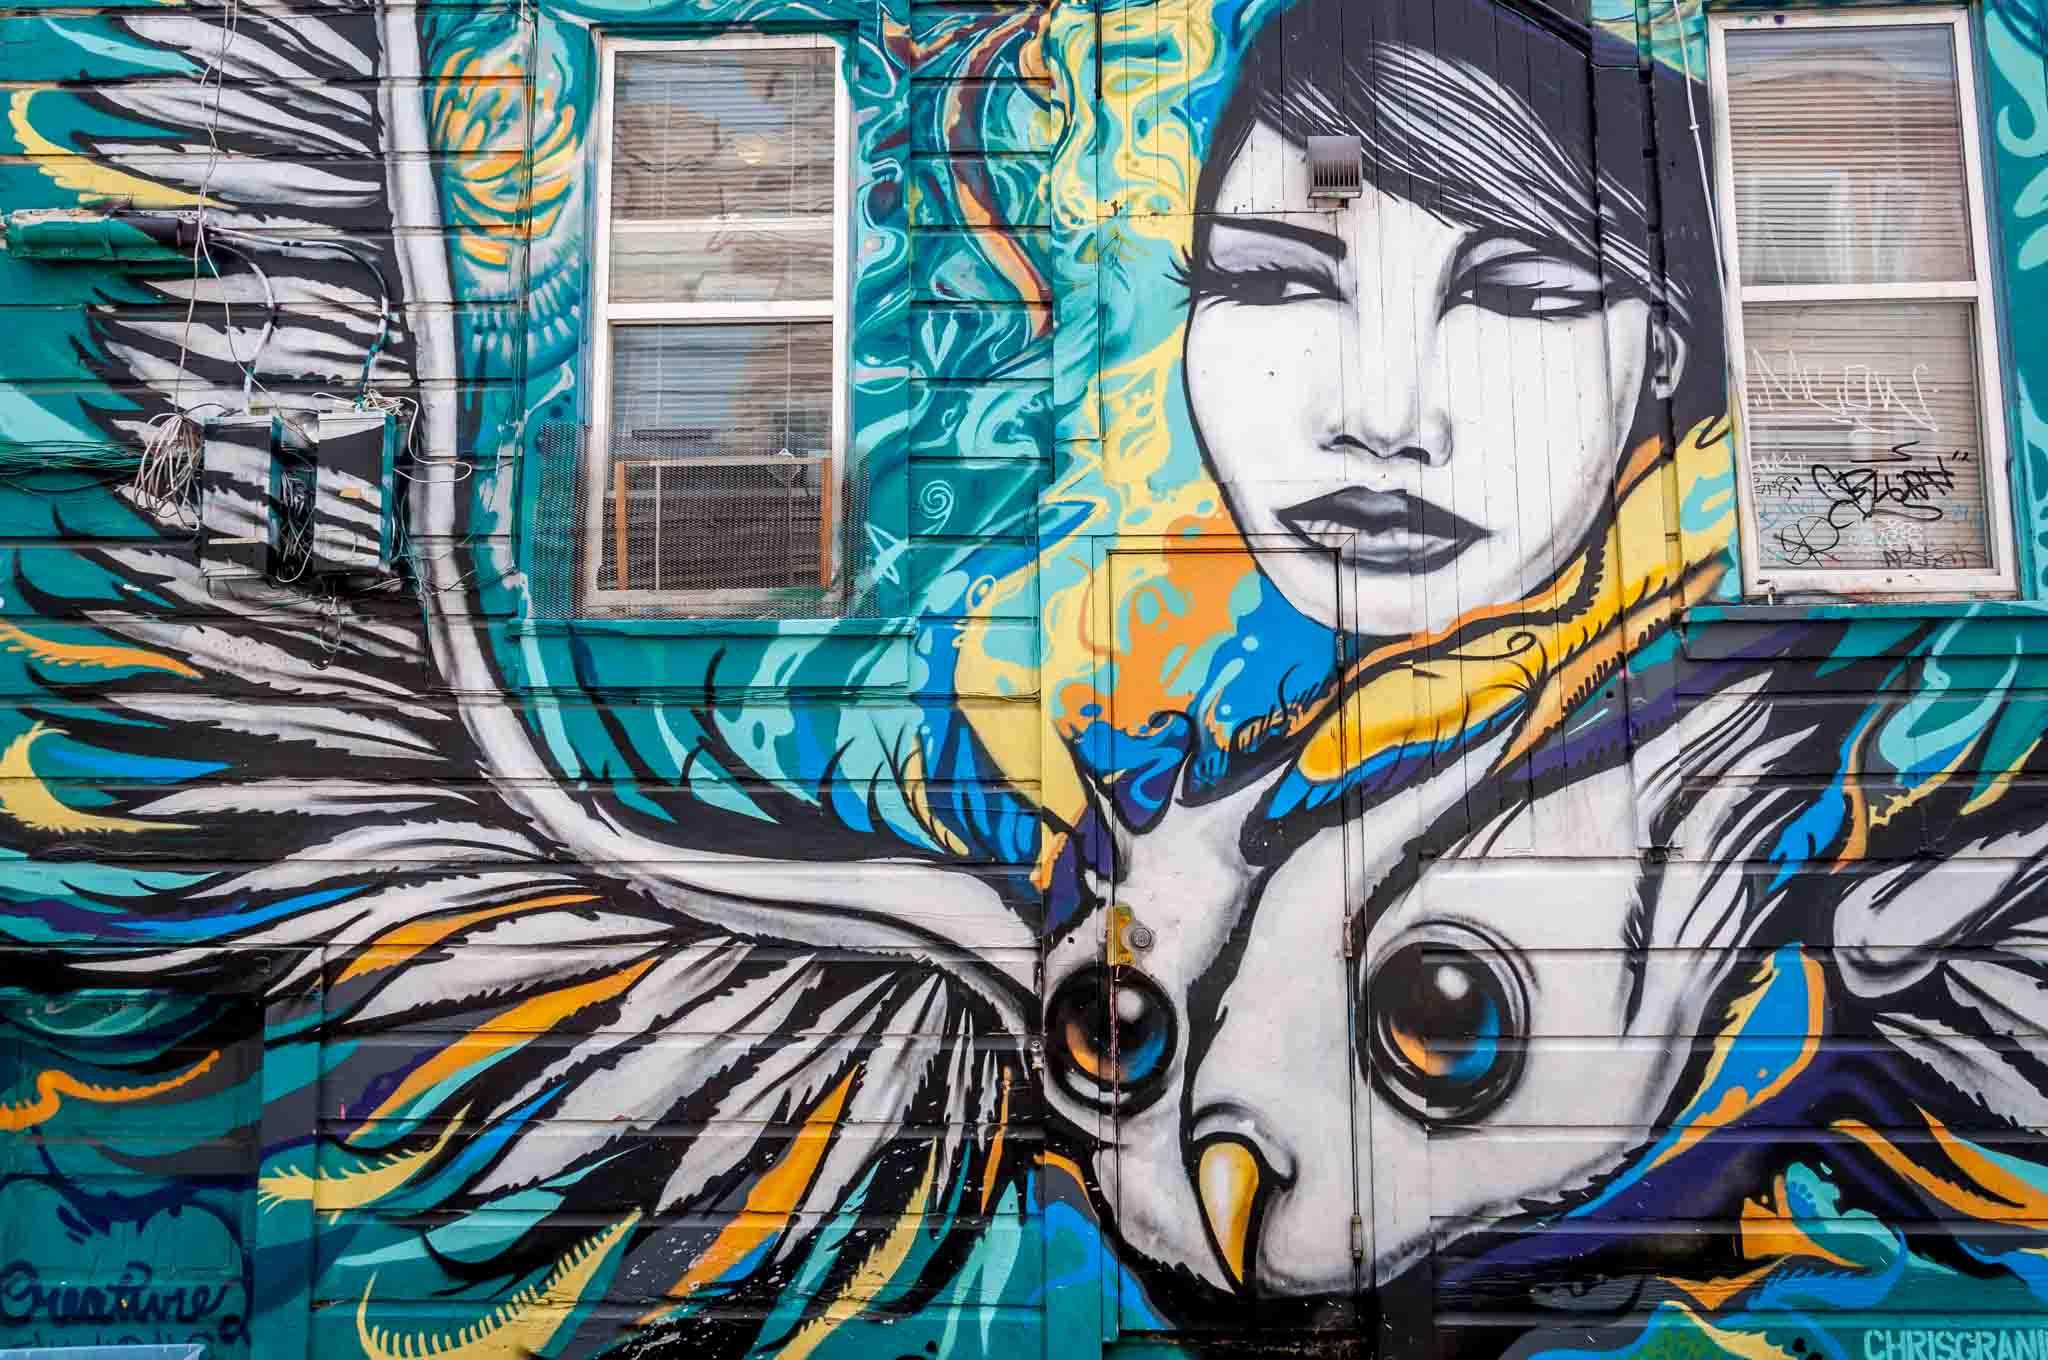 Street art mural of a woman and bird